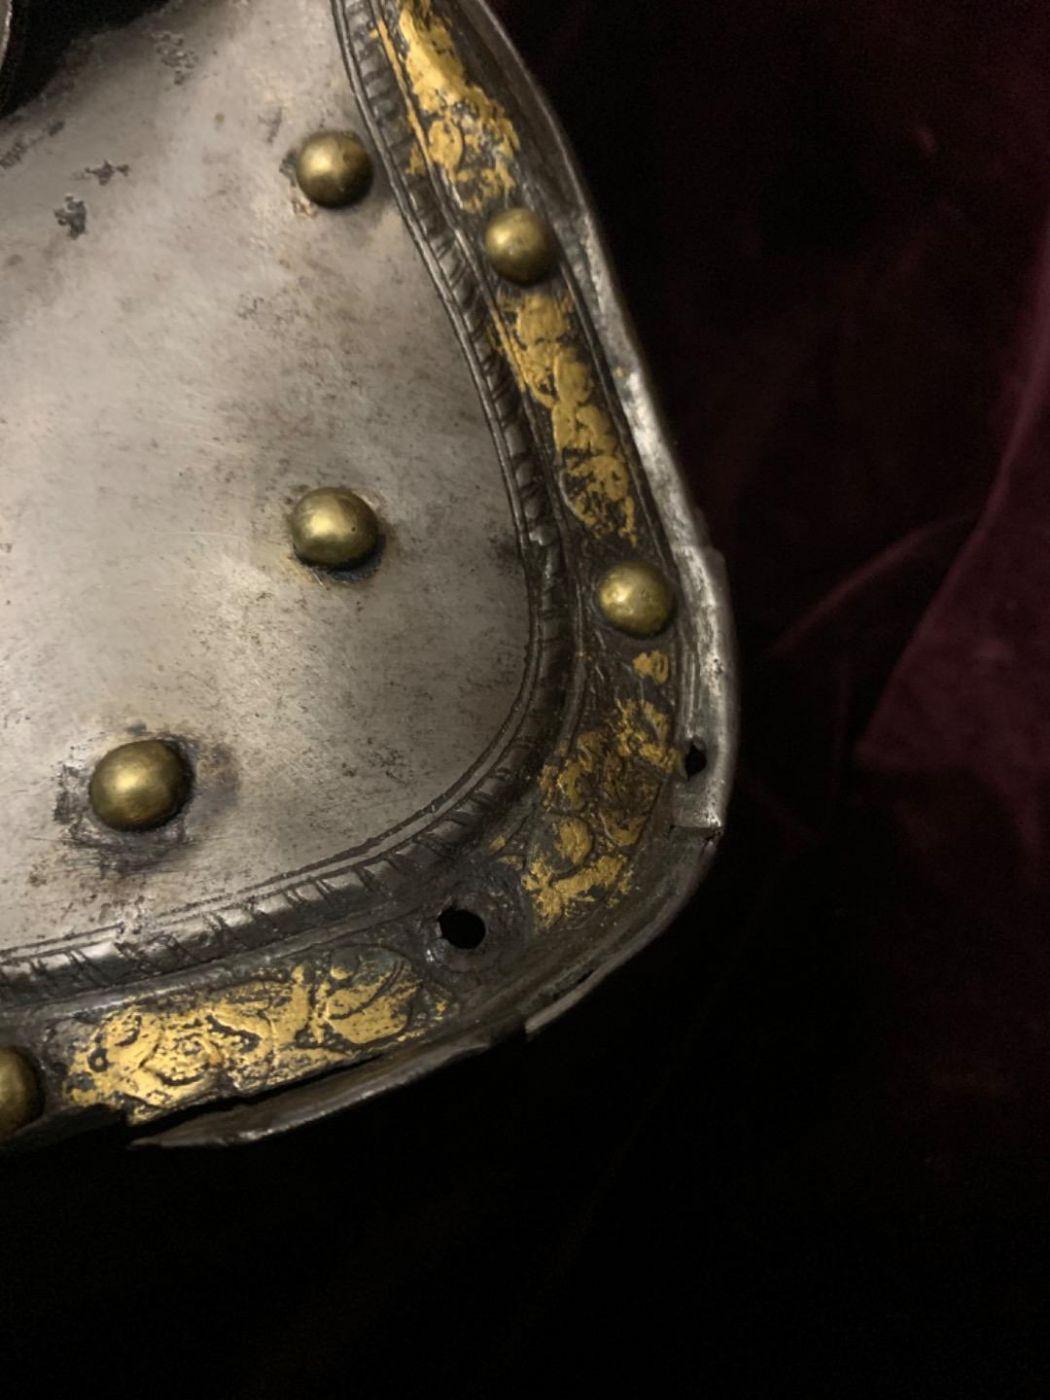 thumb8|Testiera da cavallo 1570-1580